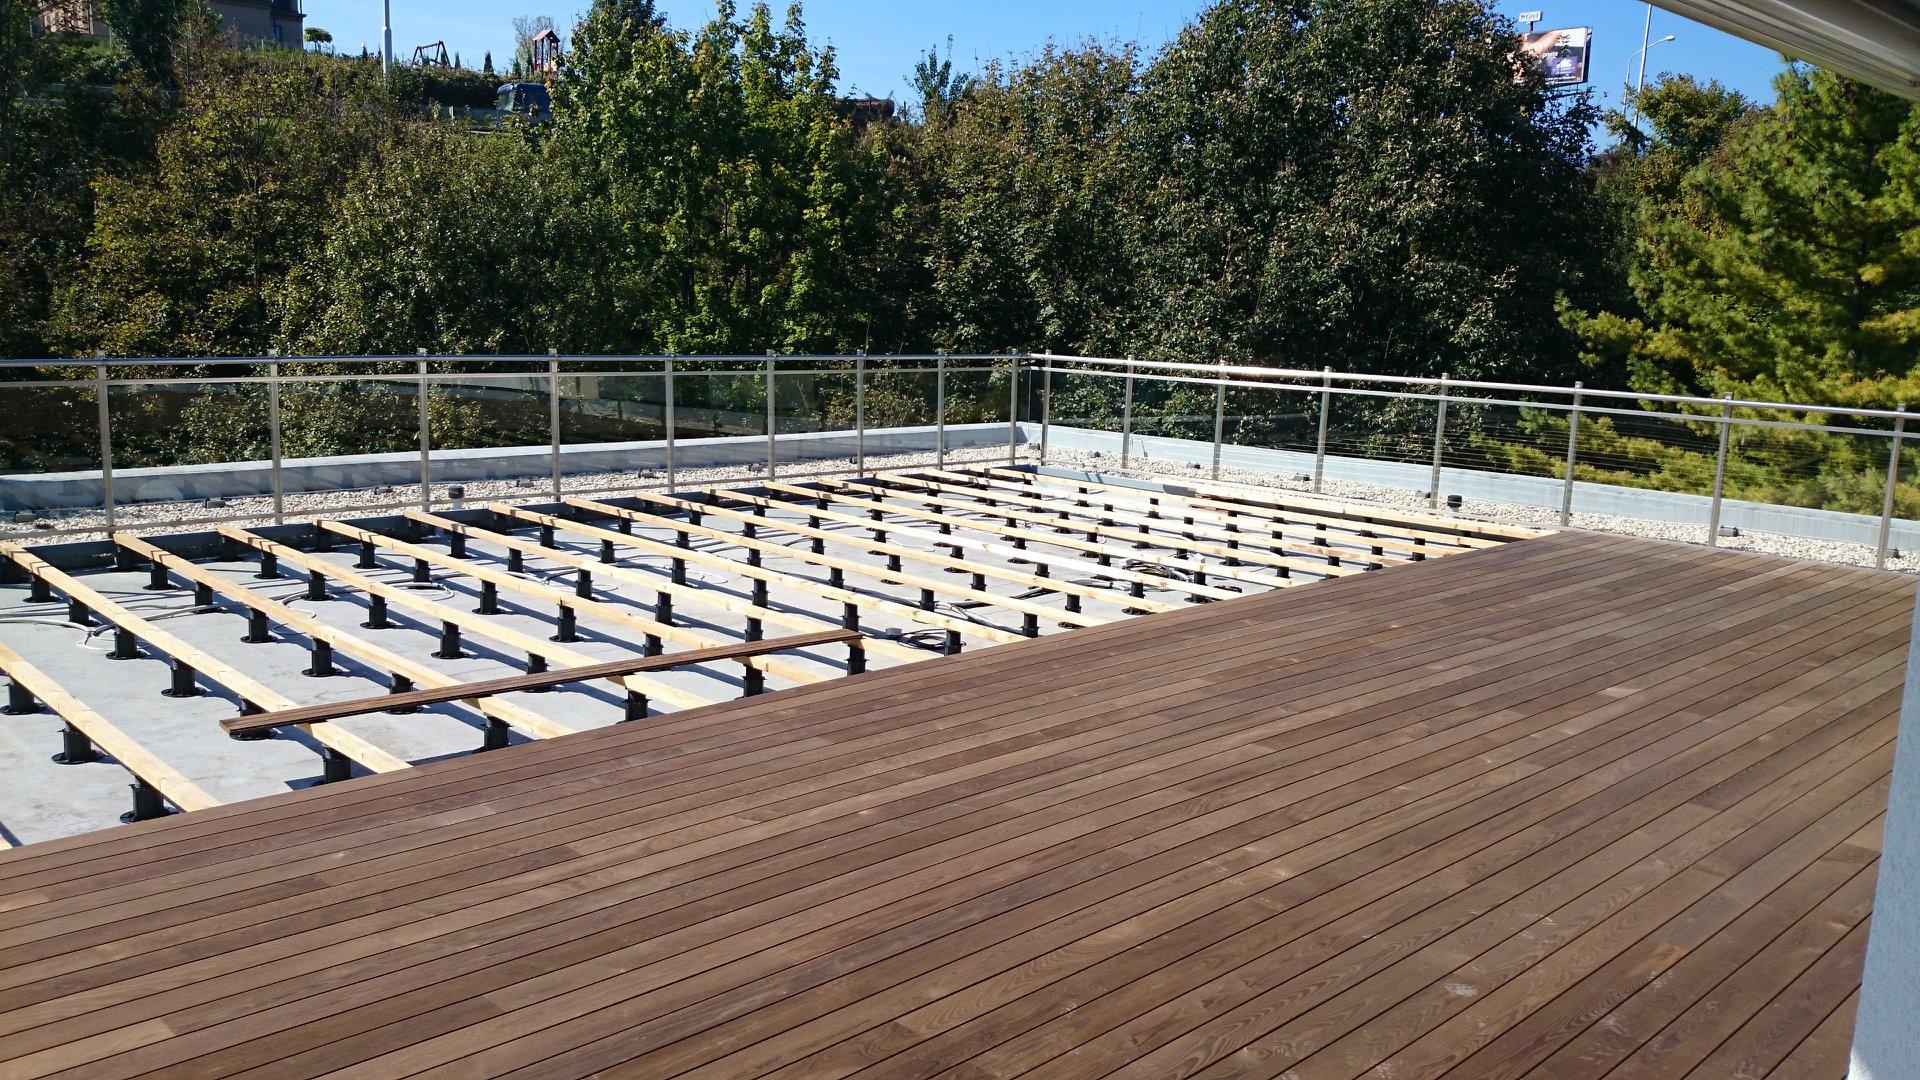 Thi công sàn nhựa giả gỗ ngoài trời ở TPHCM